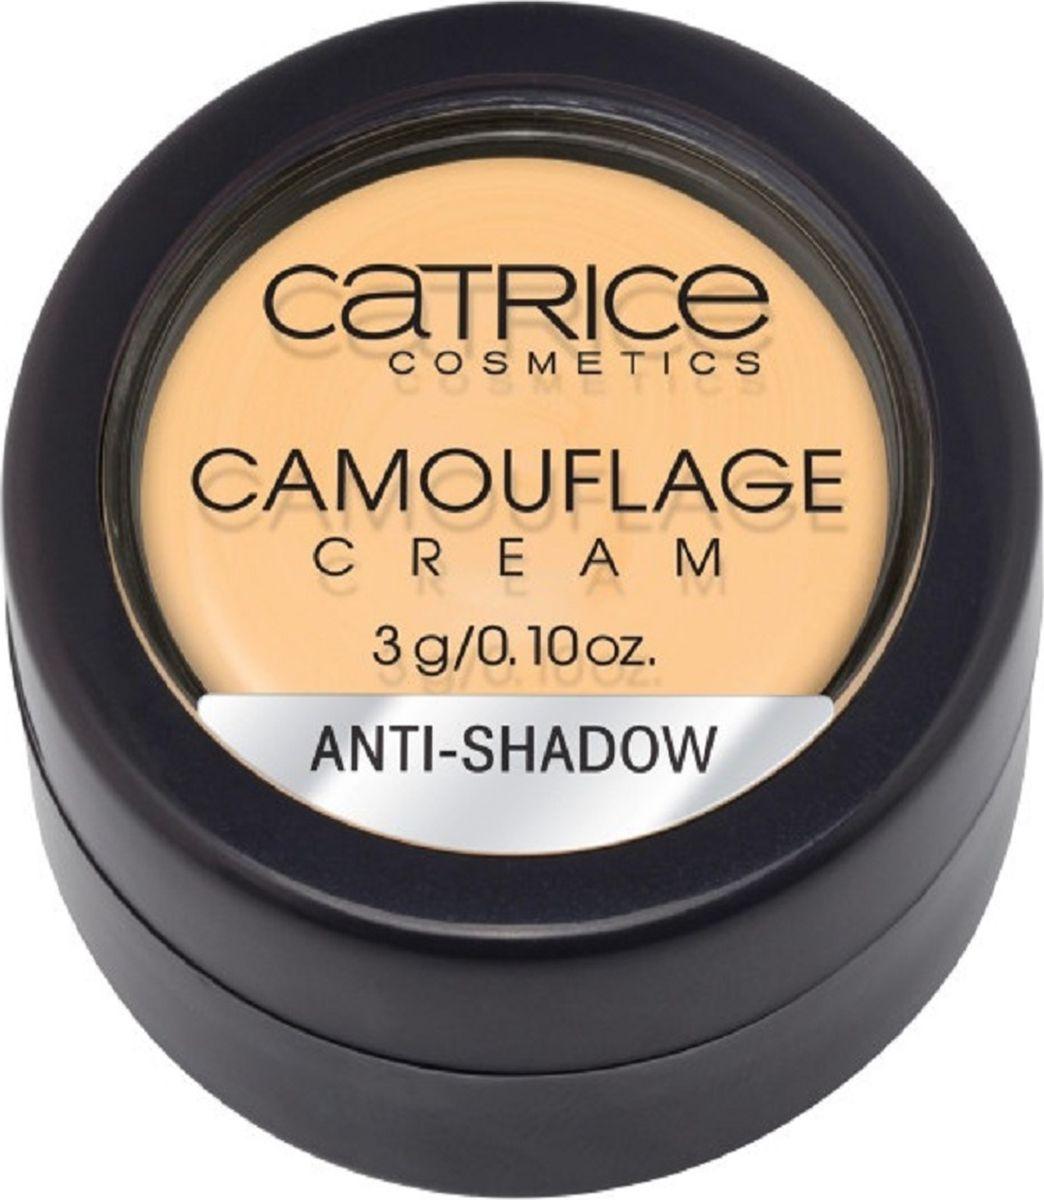 Catrice Консилер Camouflage Cream Anti-Shadow, 14 гFM 5567 weis-grauМатовый корректор Camouflage Cream нейтрализует и перекрывает любые совершенства кожи. Стойкая текстура и непревзойденные маскирующие свойства в сочетании с мягкой, легко поддающейся растушевке кремовой текстурой, гарантируют безупречный результат: идеально ровный тон кожи без видимых недостатков.